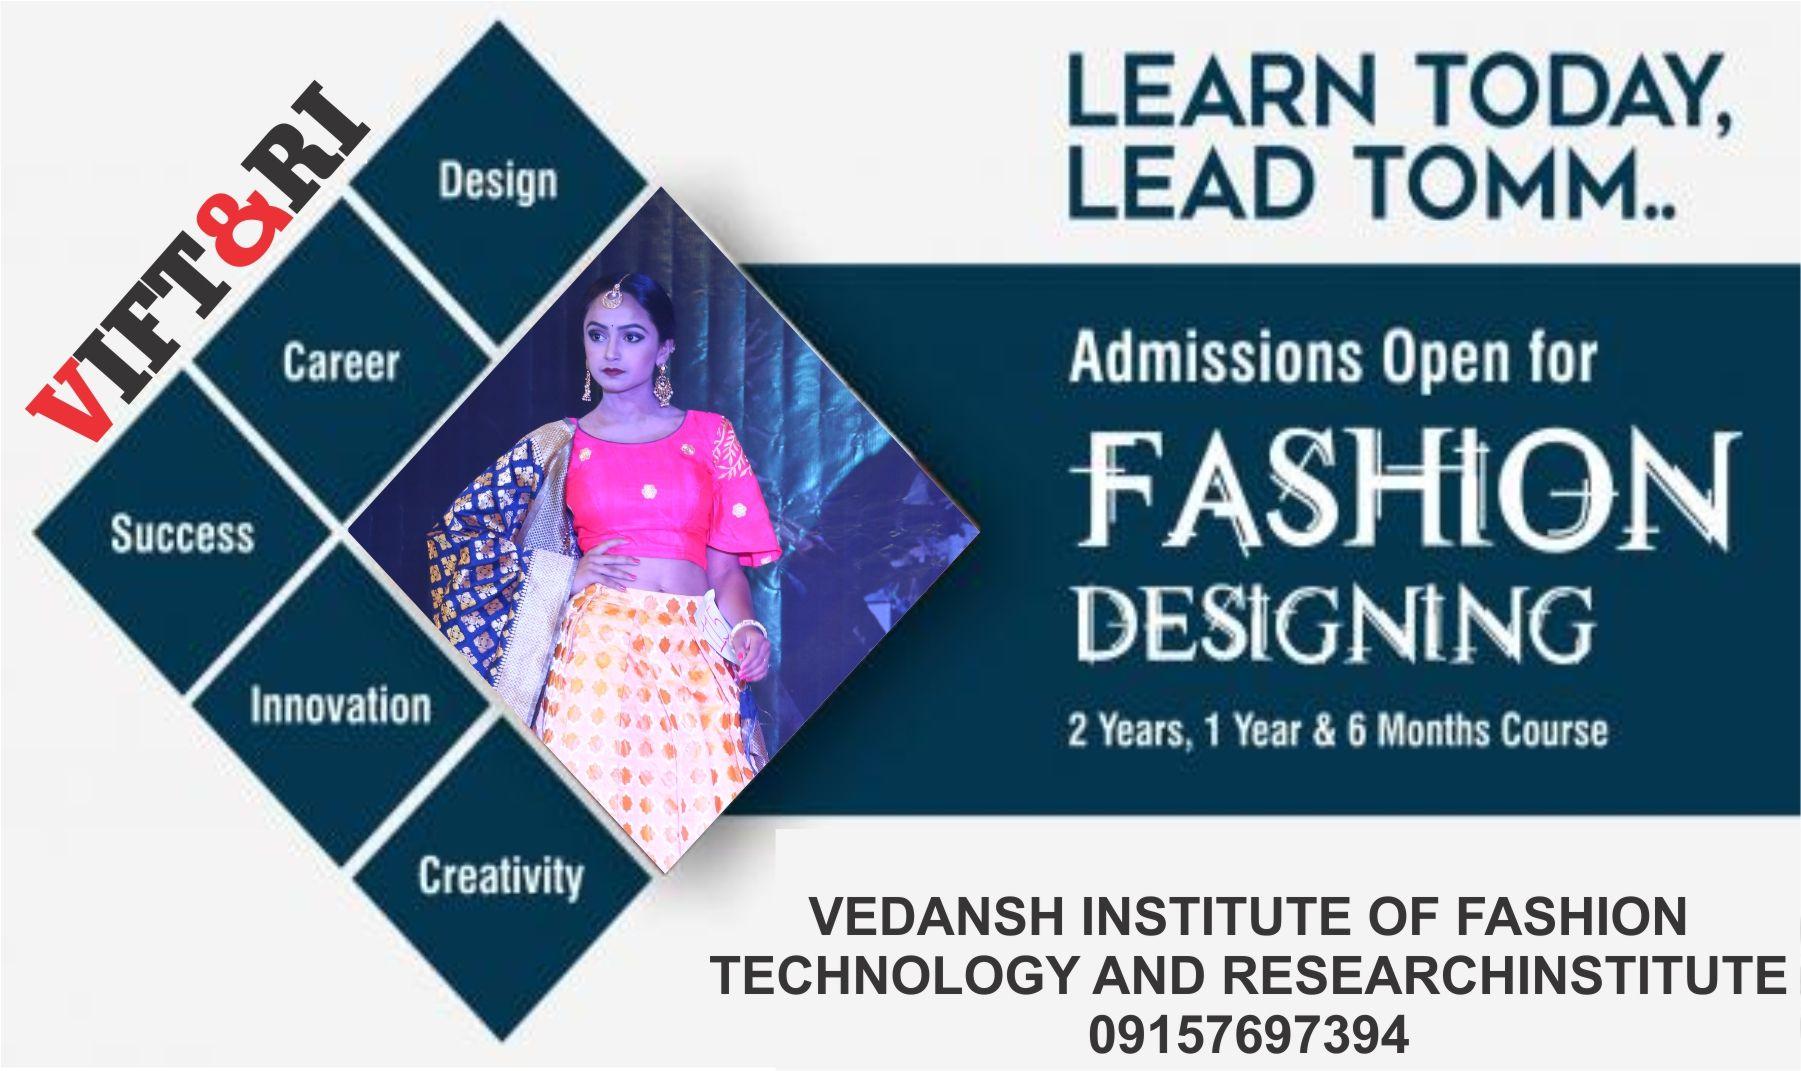 Prince Cultural Club Viftri Fashion Designing Institute Present S Fashion Show 2019 Multi Fashion Designing Institute Technology Fashion Fashion Design